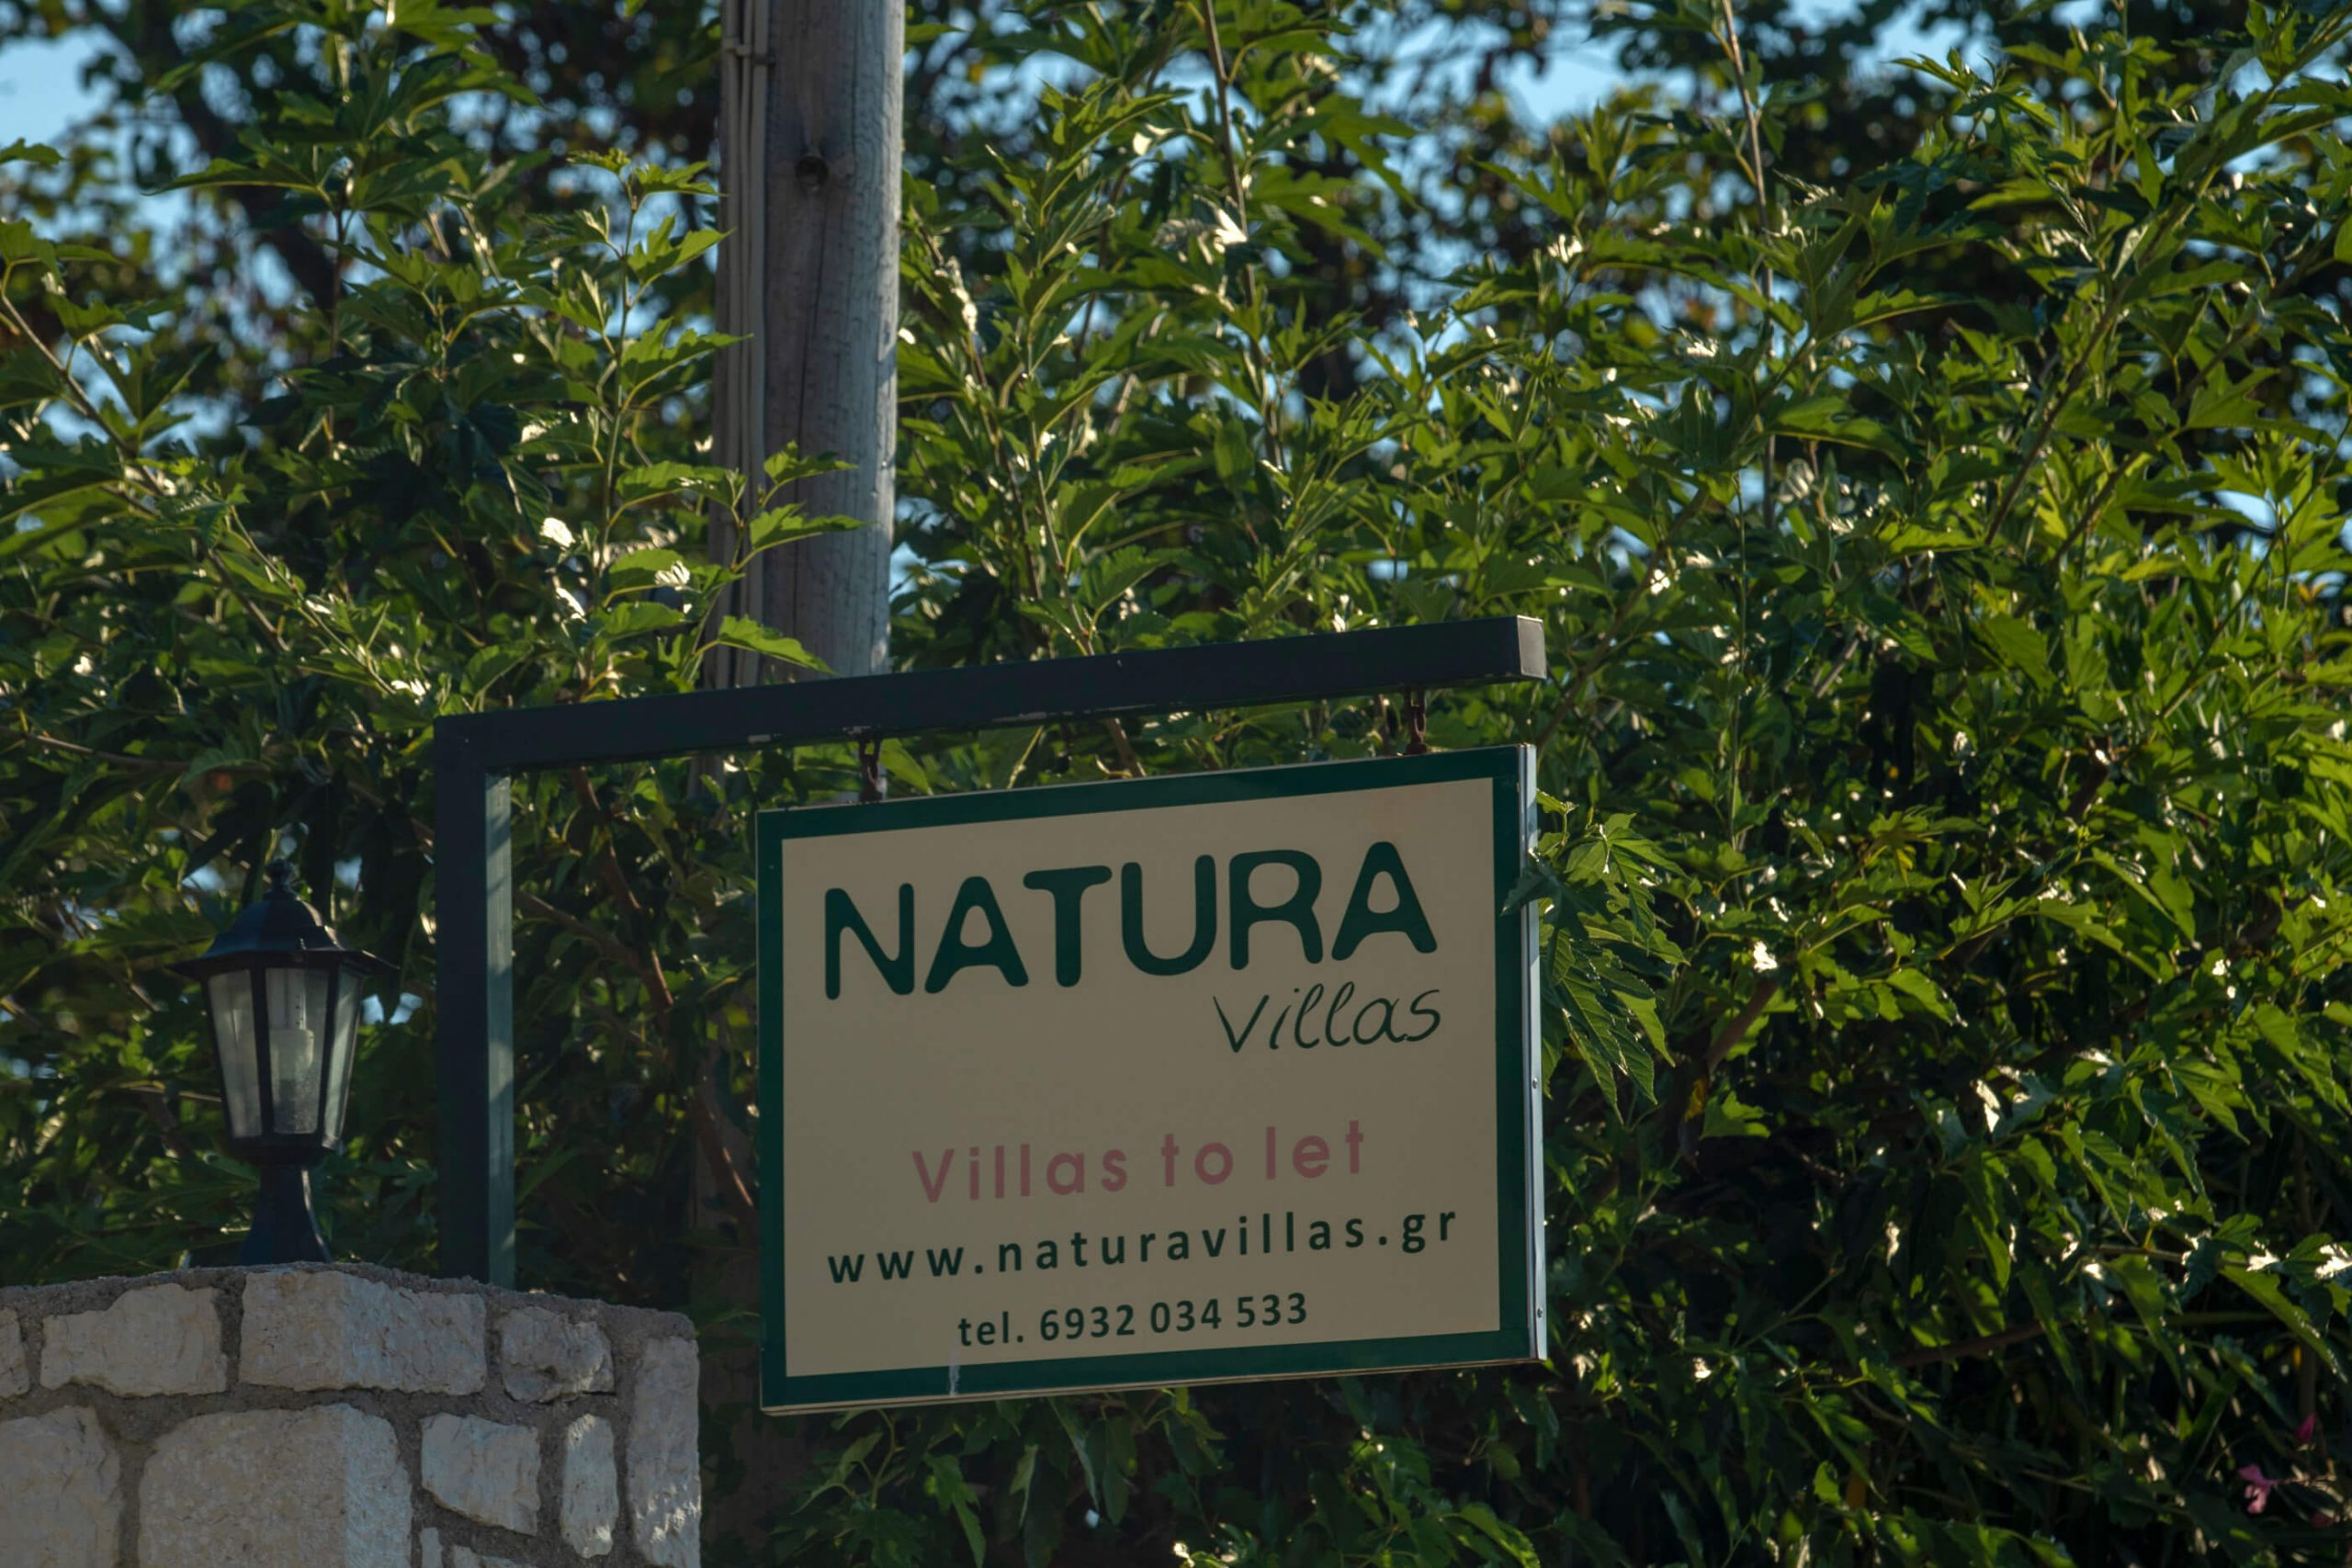 Πινακίδα Natura Villas στη Λευκάδα